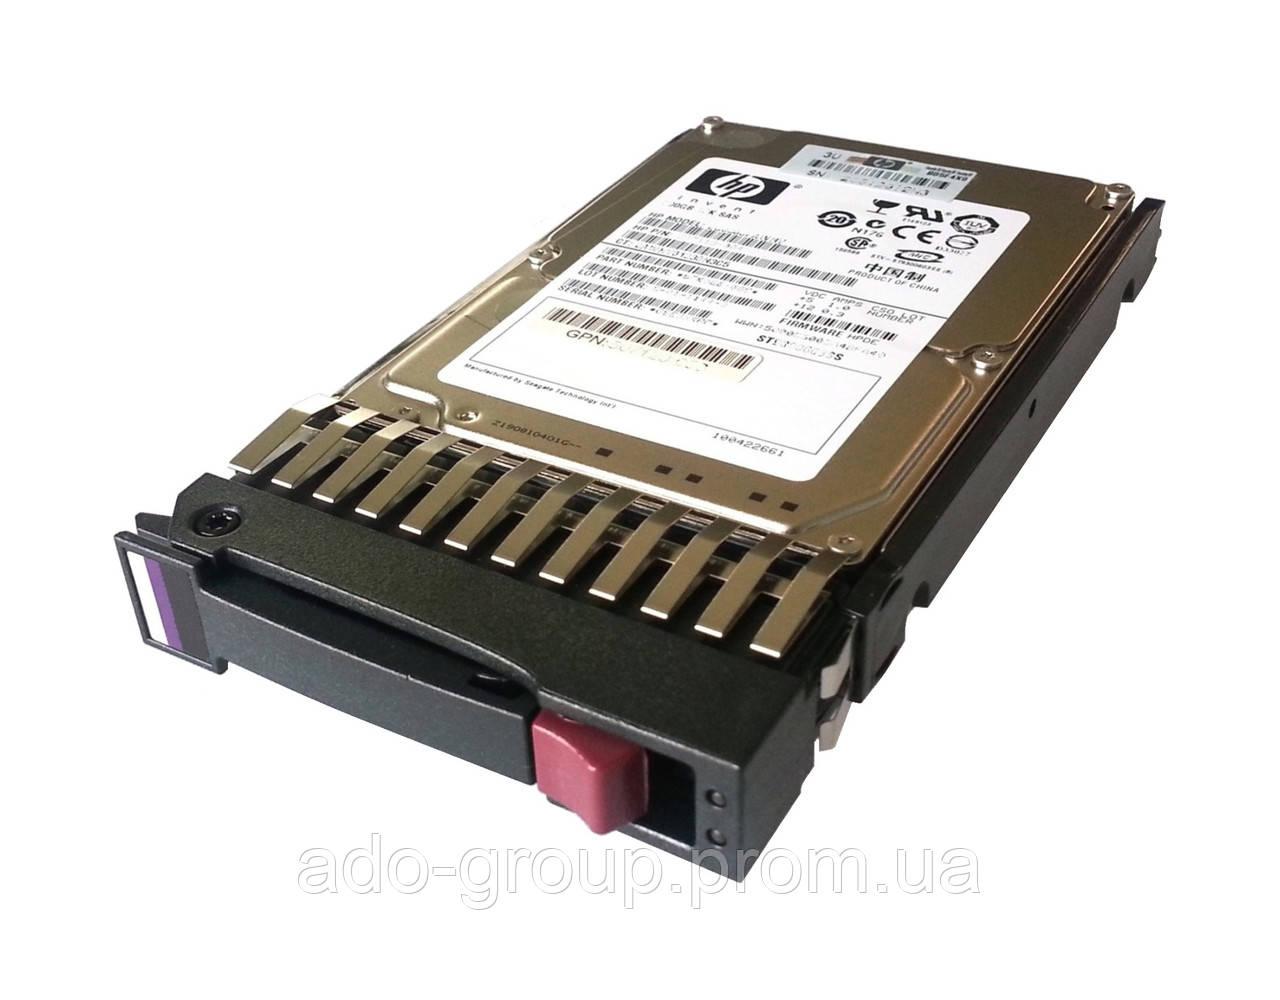 """512544-003 Жесткий диск HP 72GB SAS 15K 6G DP 2.5"""""""